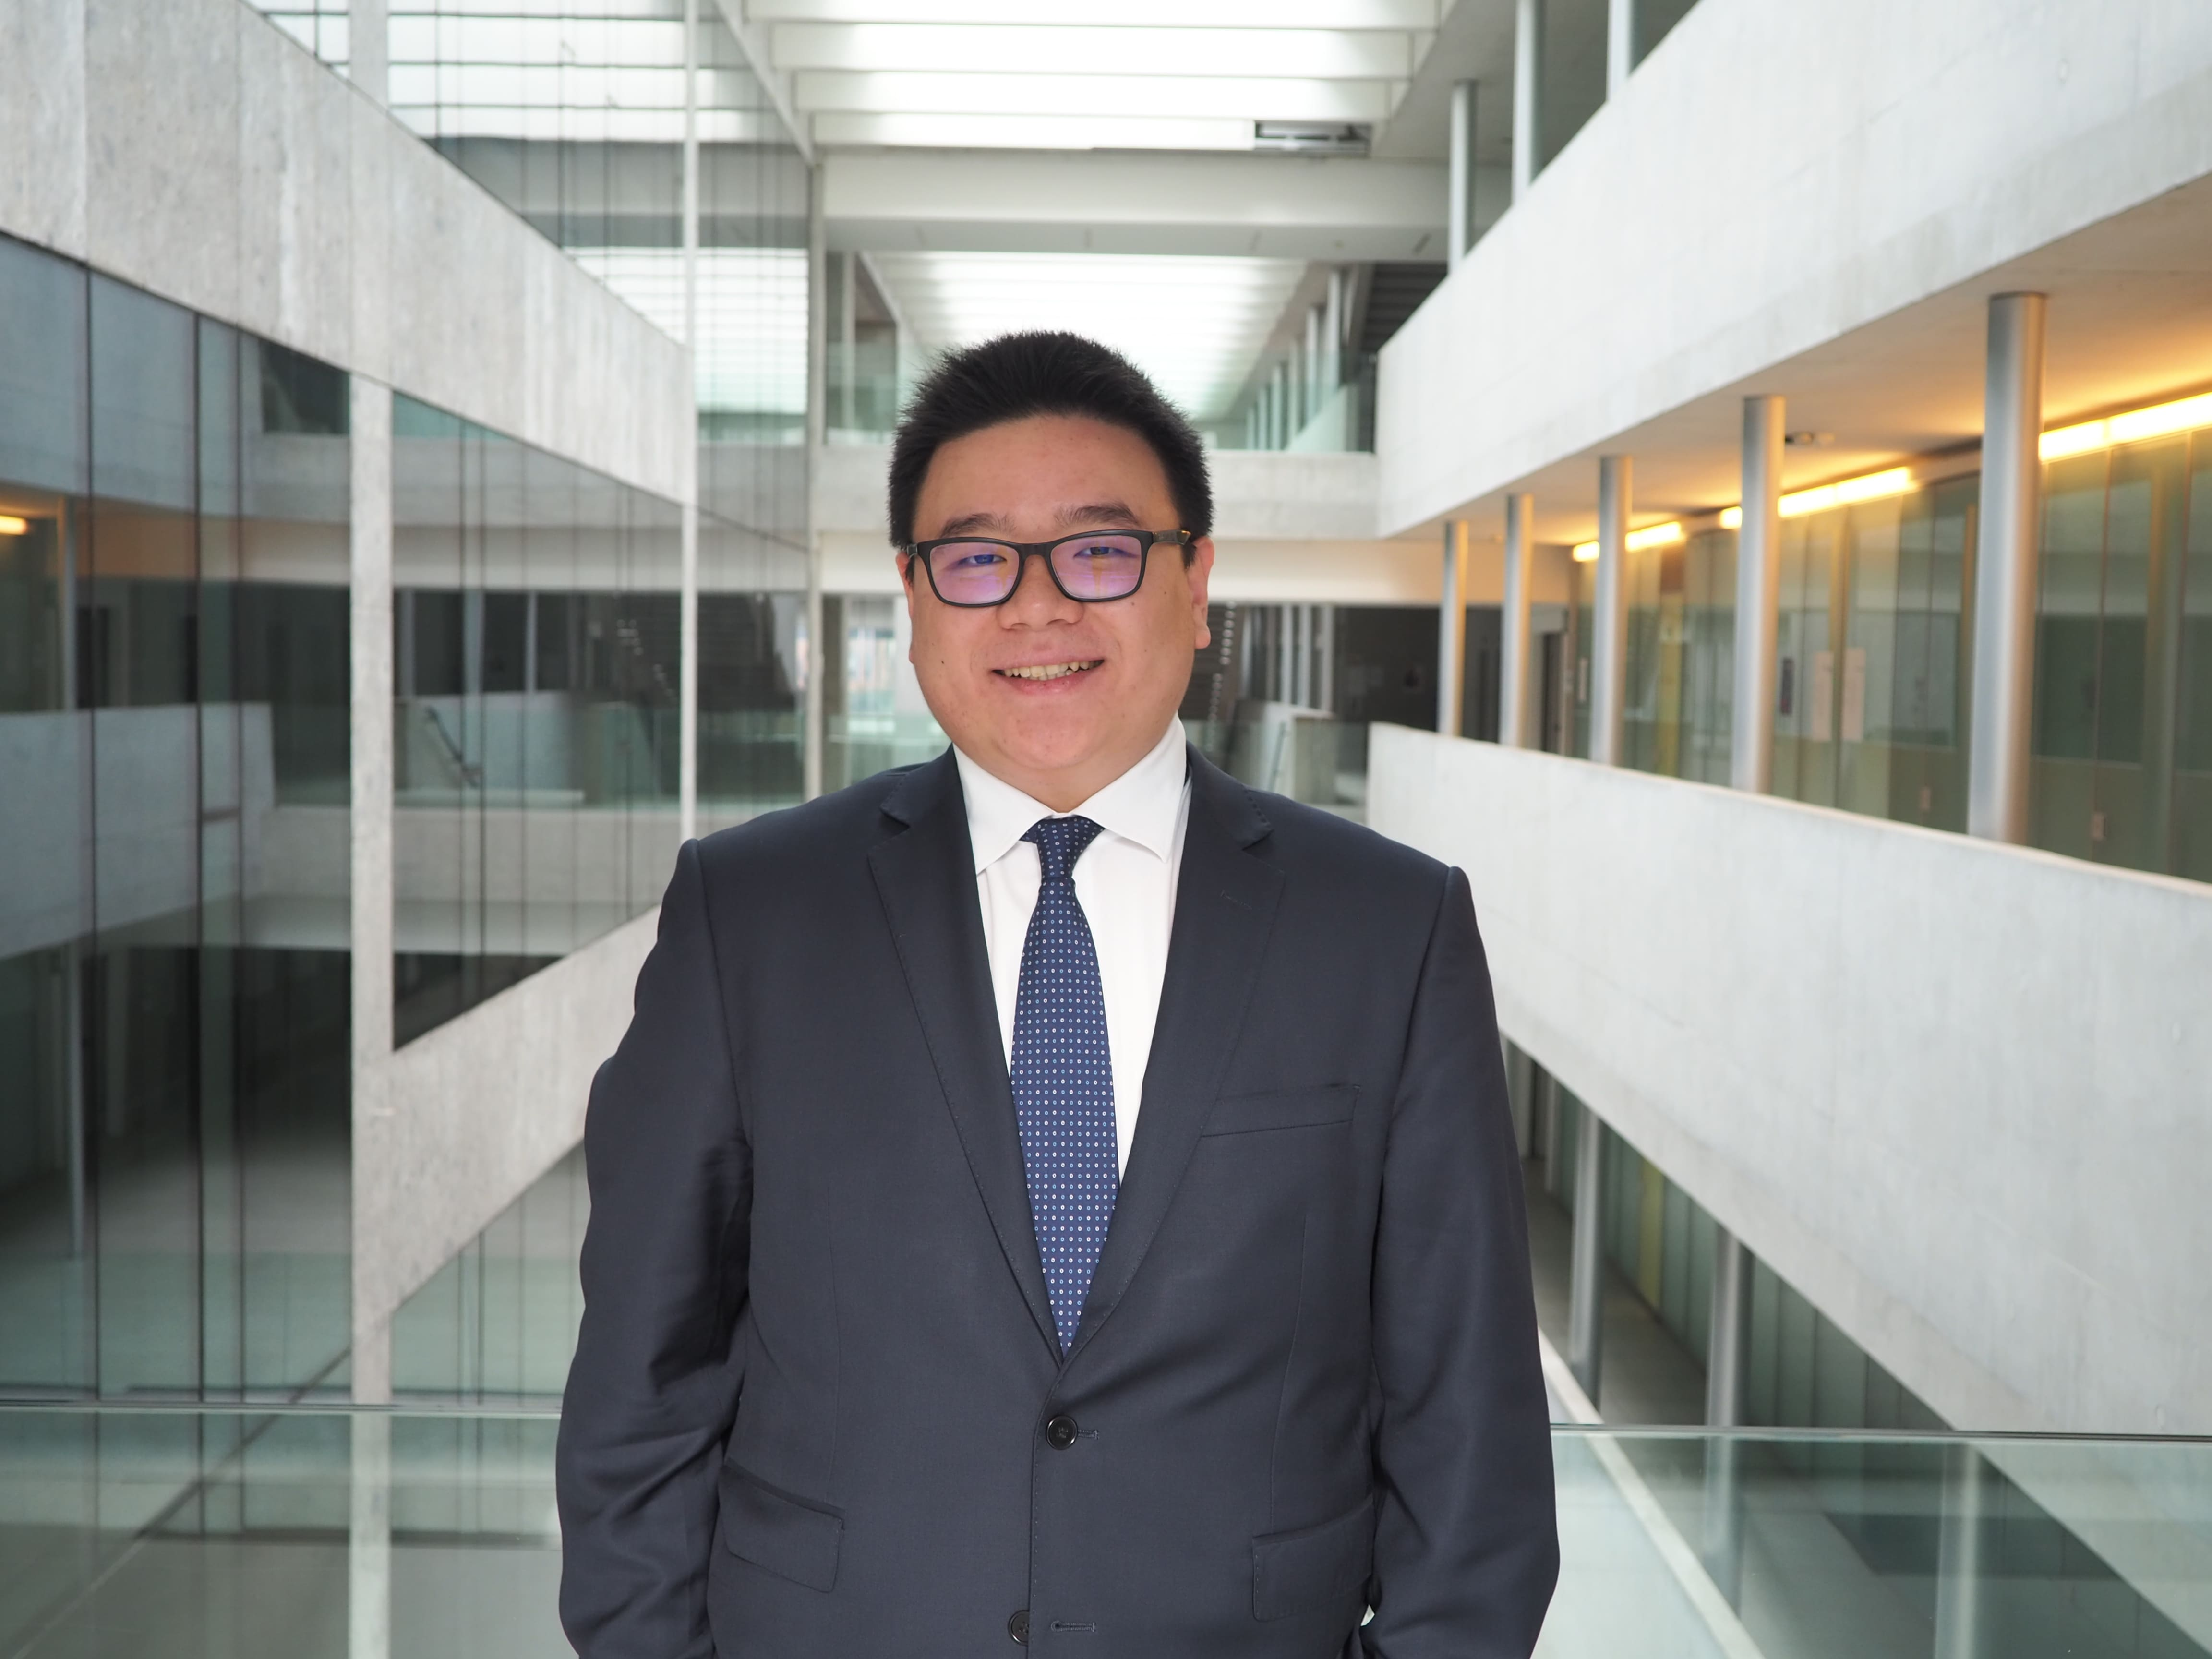 Raffaele Zhu